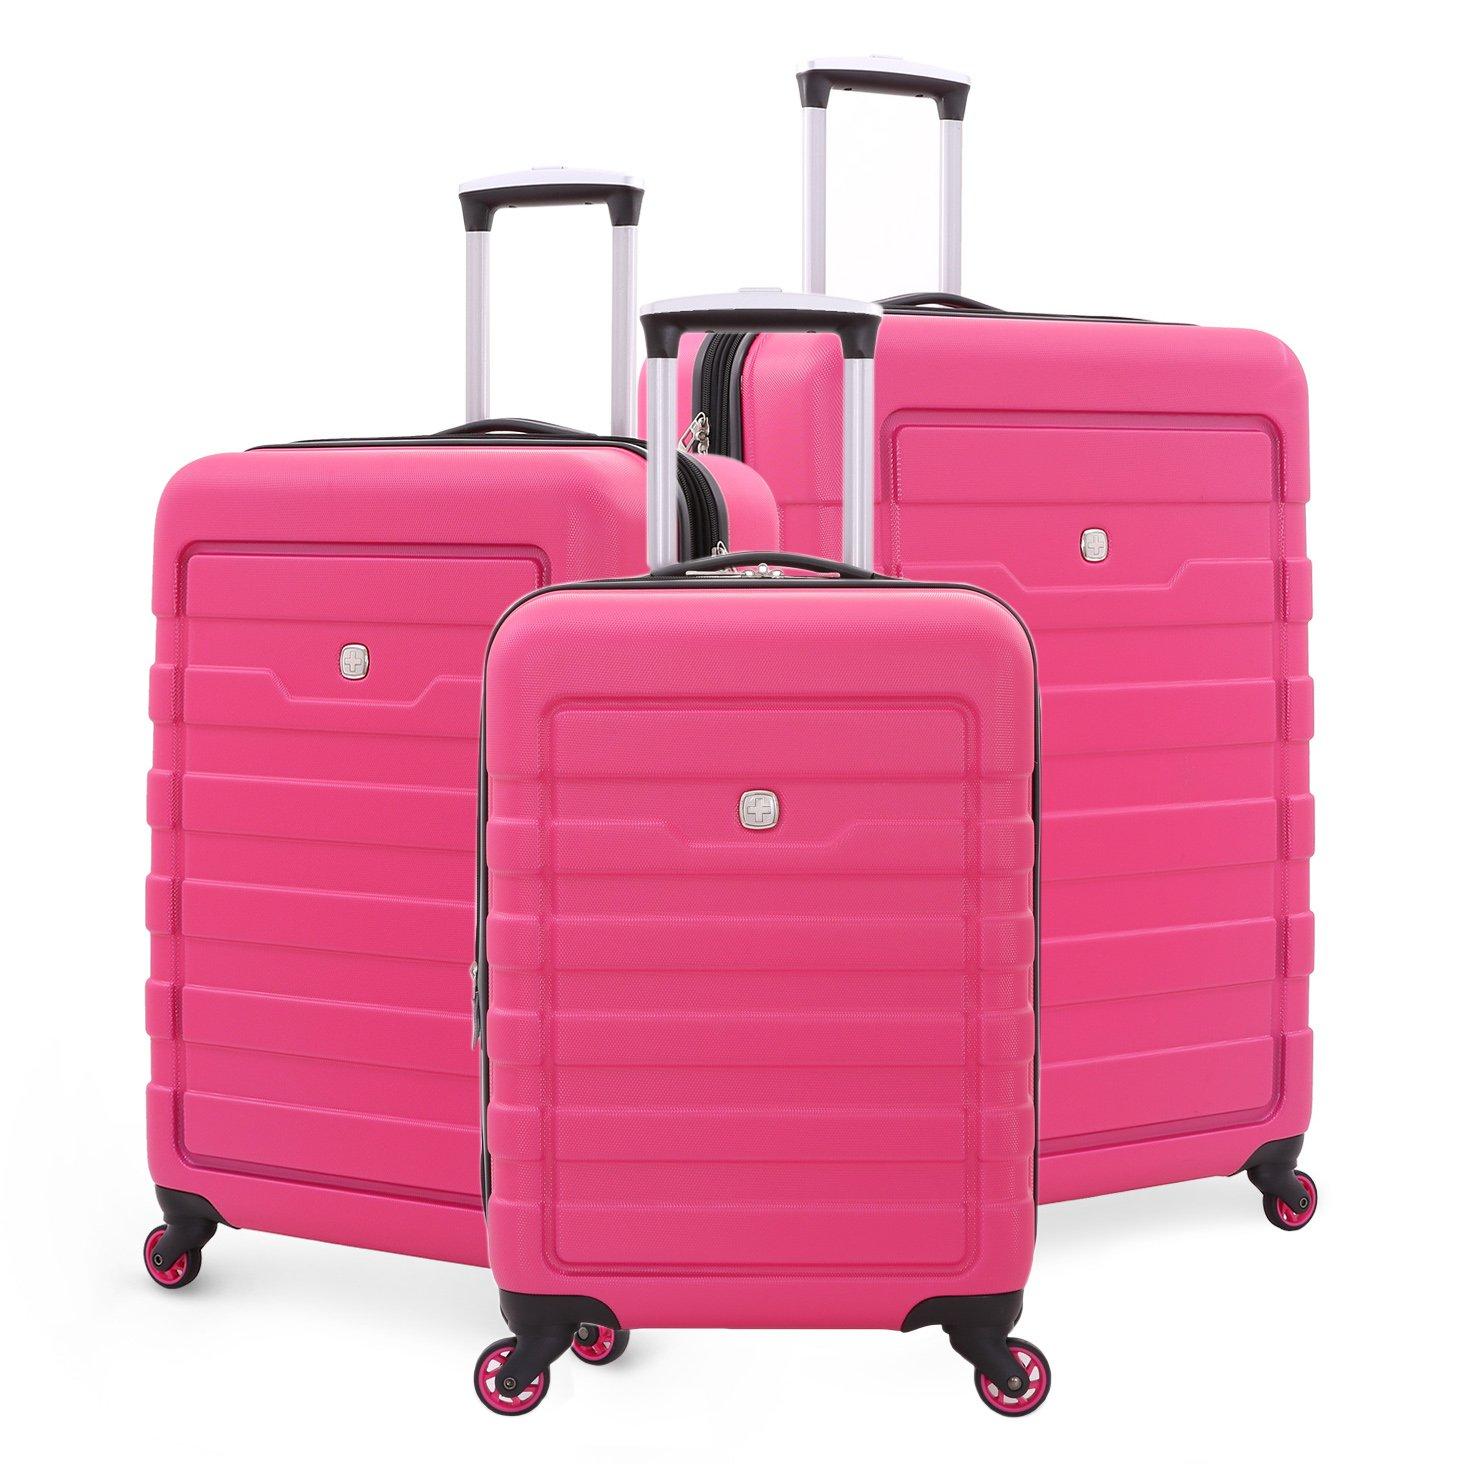 SwissGear Hardcase Suitcase Spinner Set (Pink) by SwissGear